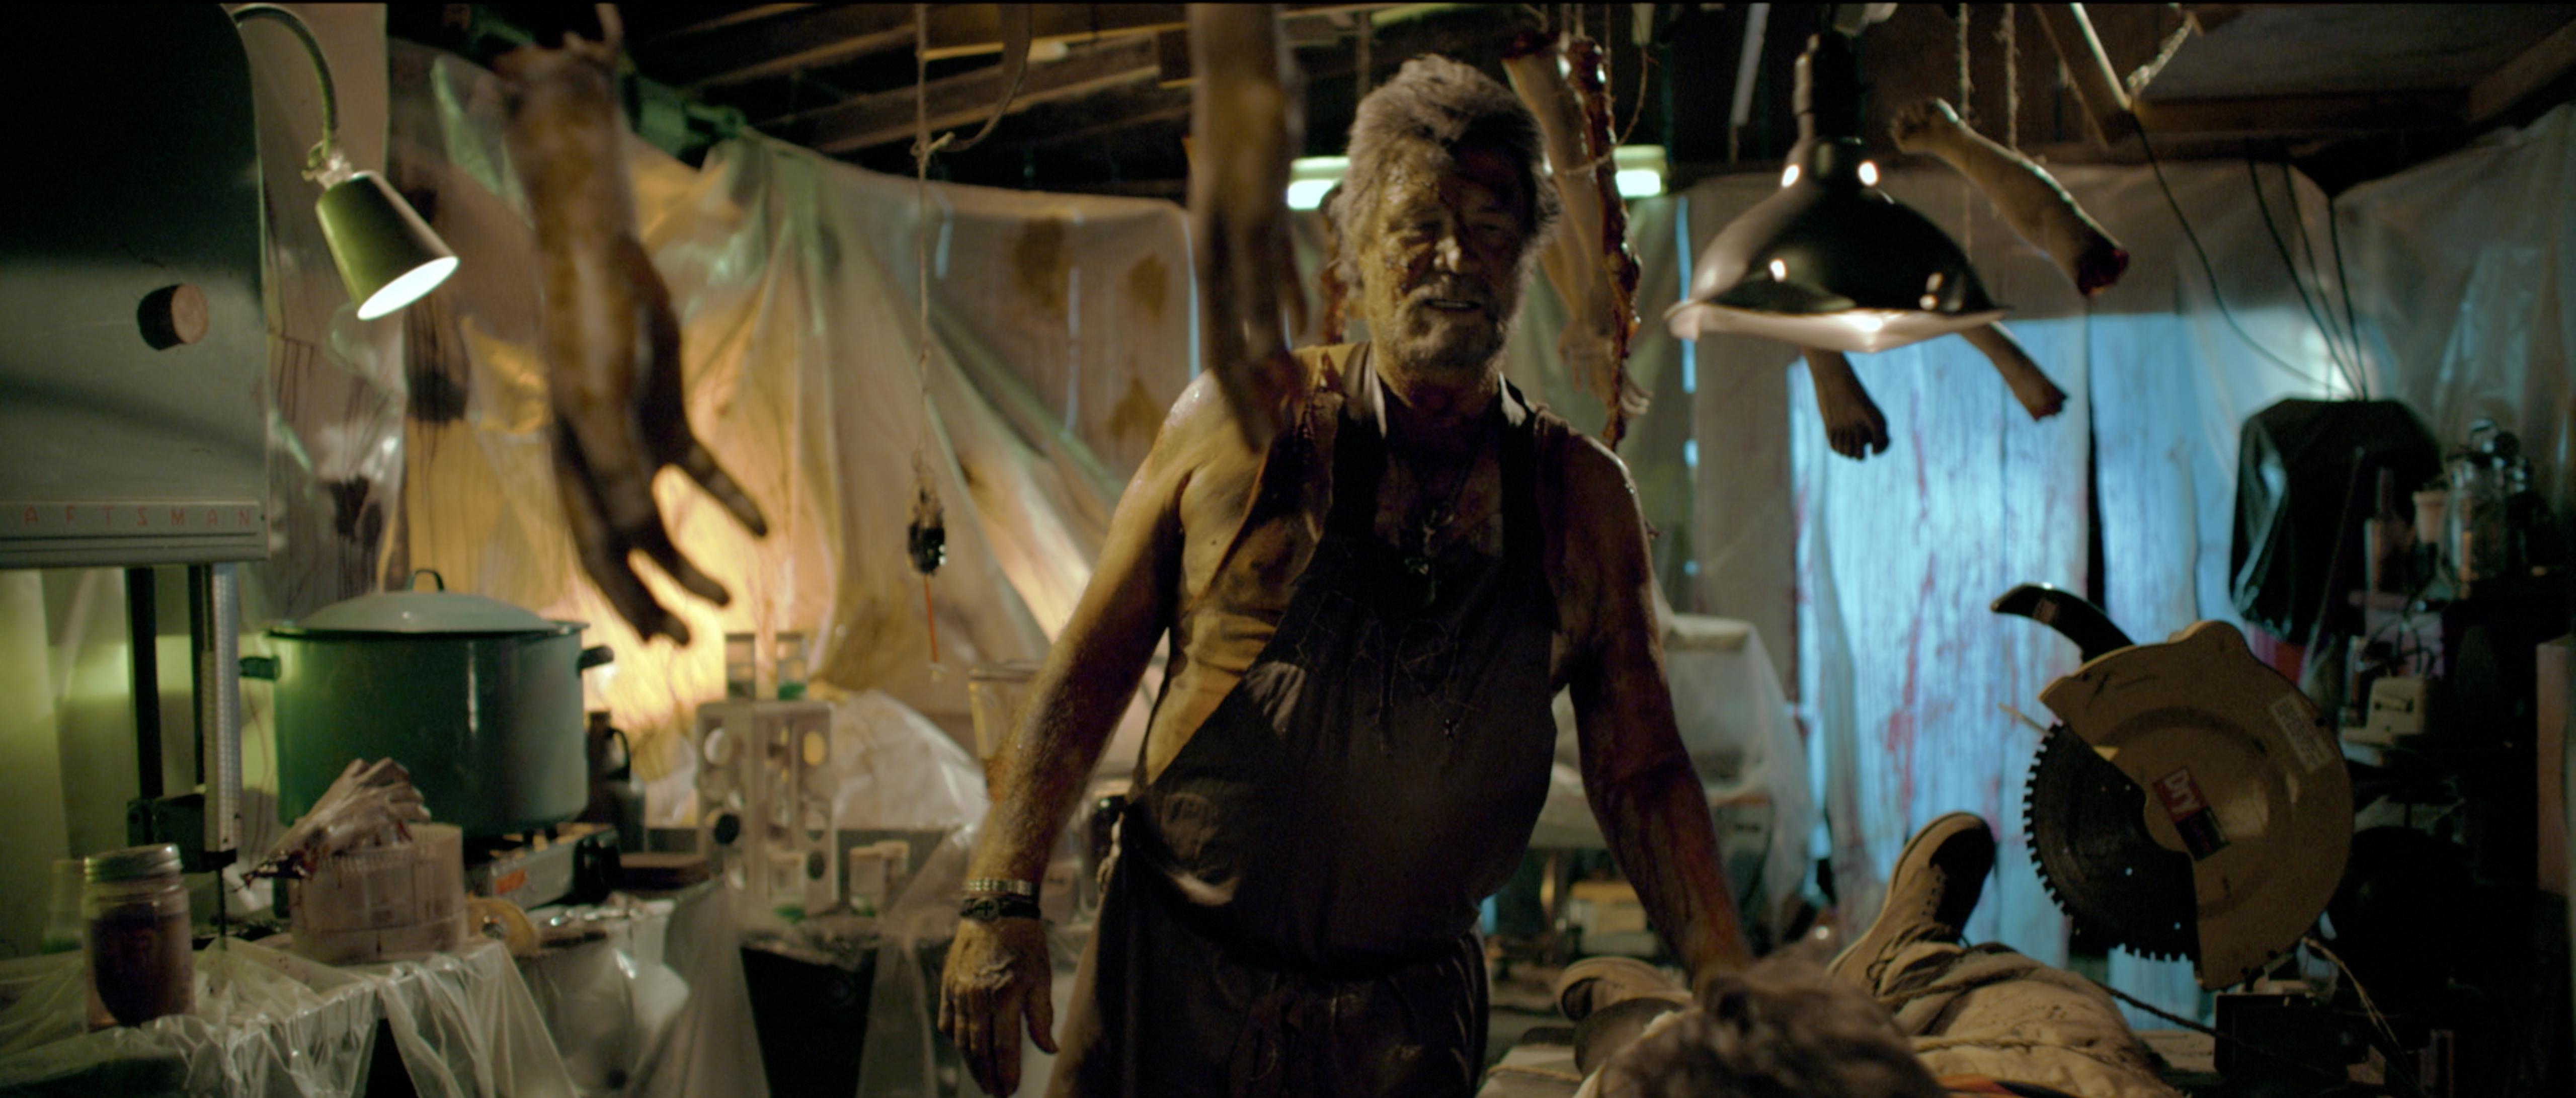 """""""The Horde"""" Paul Logan, Dir. Jared Cohn, DP Laura Beth Love Starring Vernon Wells"""